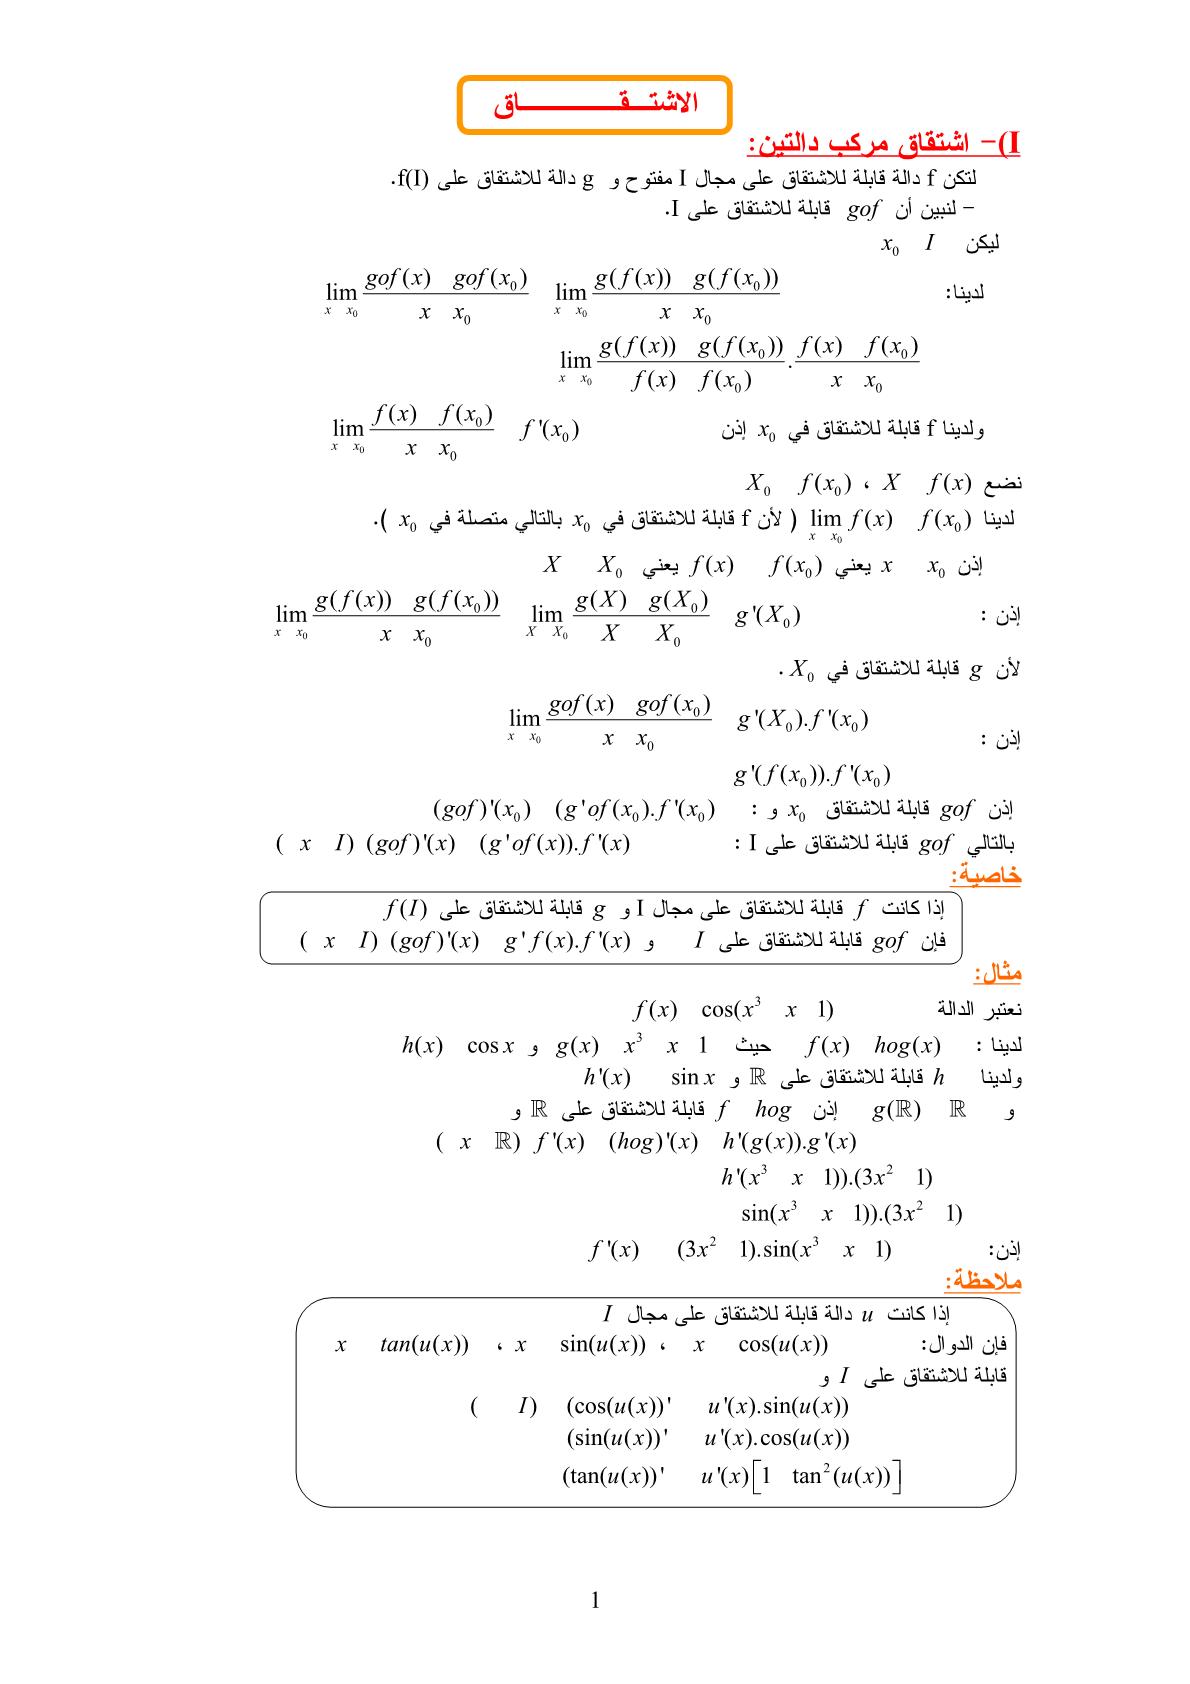 درس النهايات والاتصال الثانية بكالوريا علوم رياضية أ